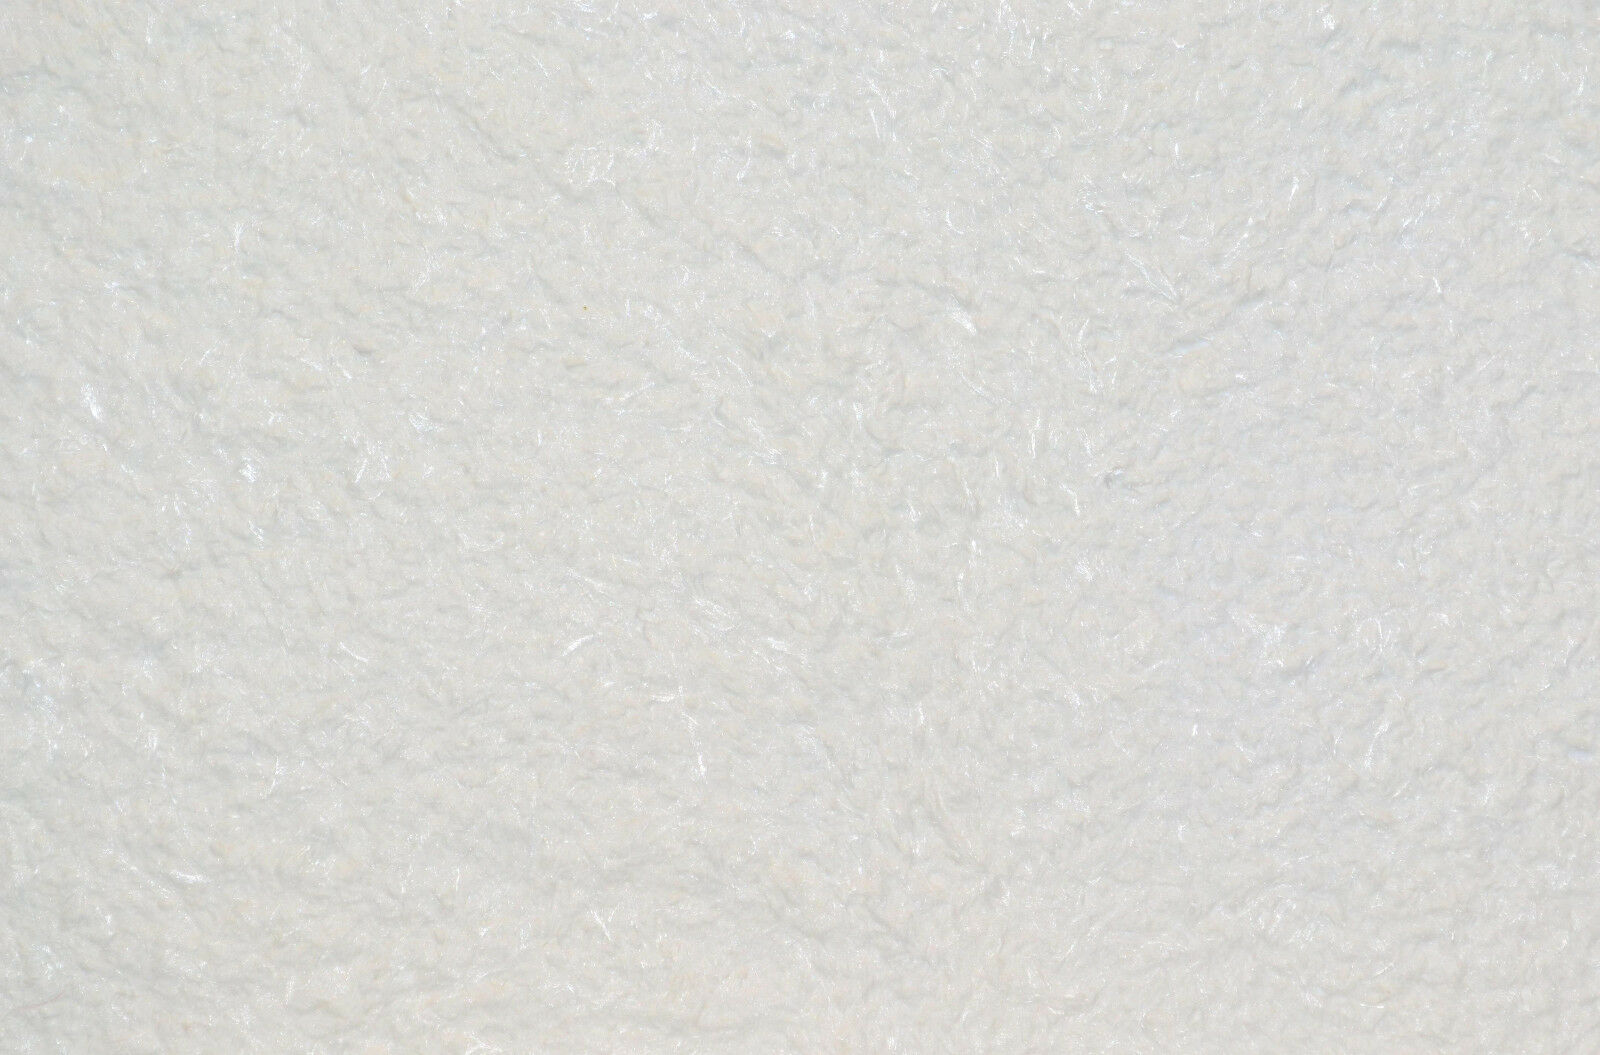 Dekorputz Dekorputz Dekorputz Flüssigtapete Silk Plaster Optima Tapete Baumwollputz ed3c4f